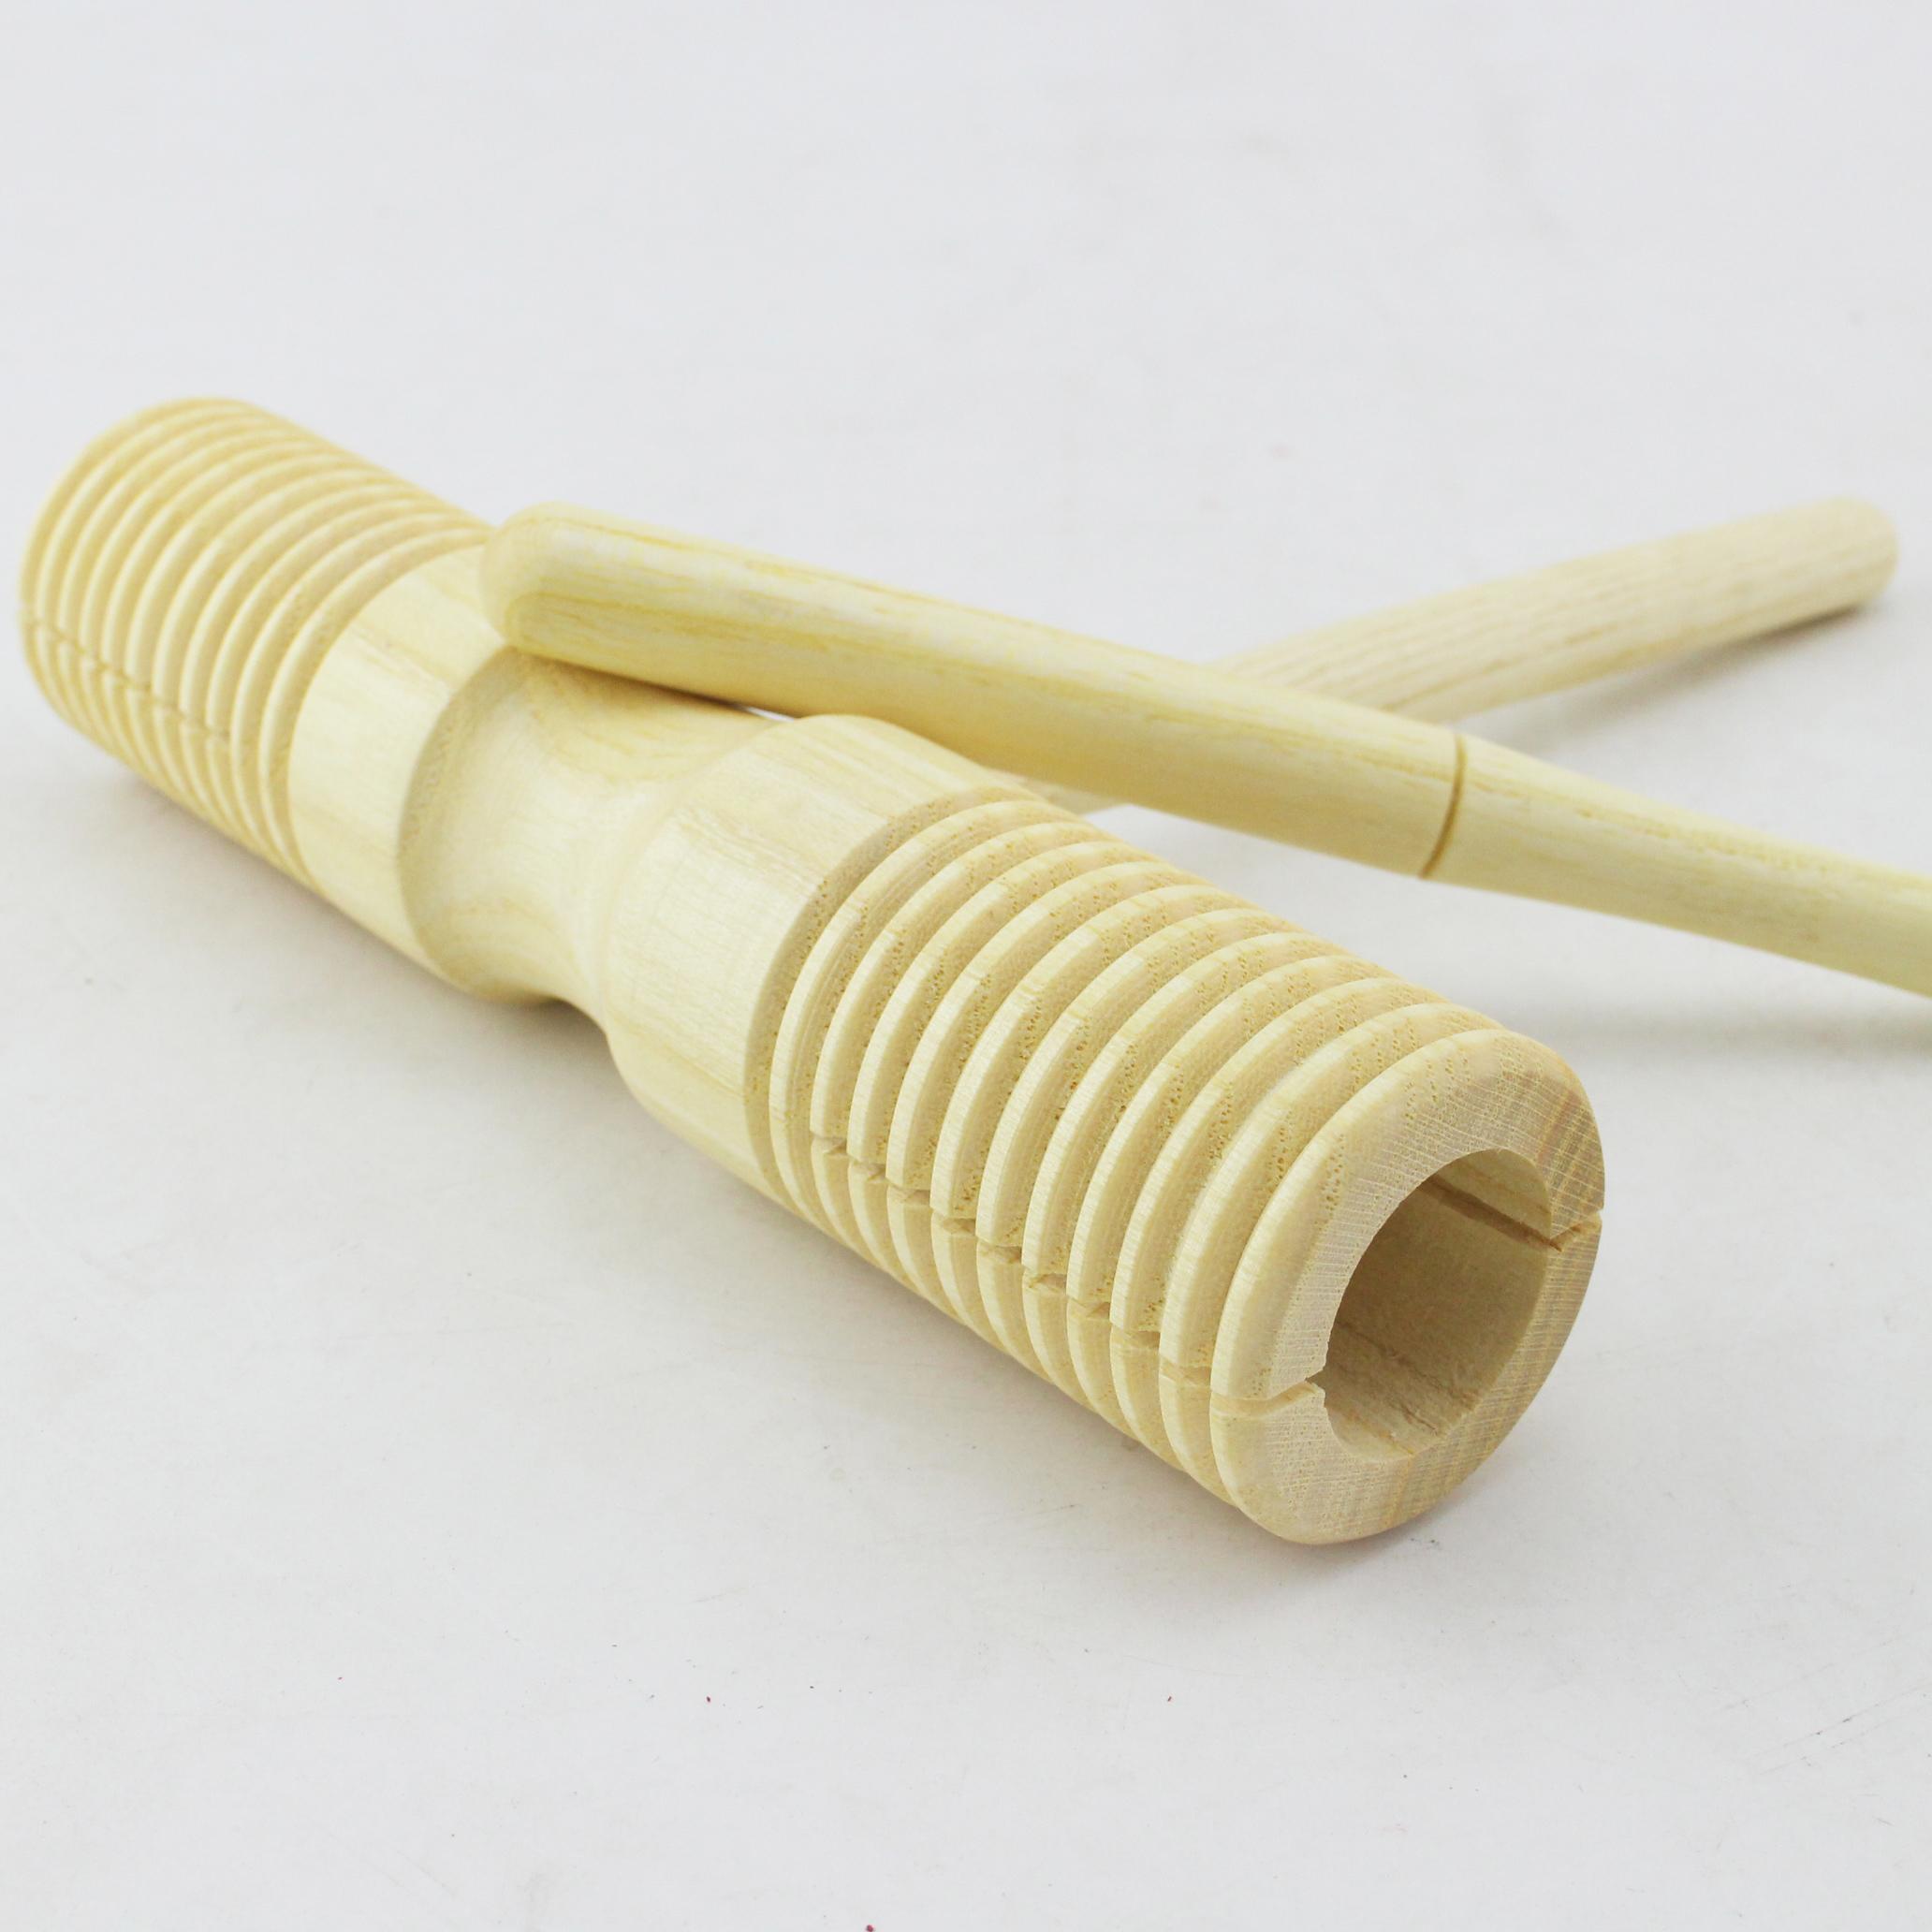 新品奥尔夫乐器正品螺纹响筒加沟双响筒可做刮蛙益智玩具教具